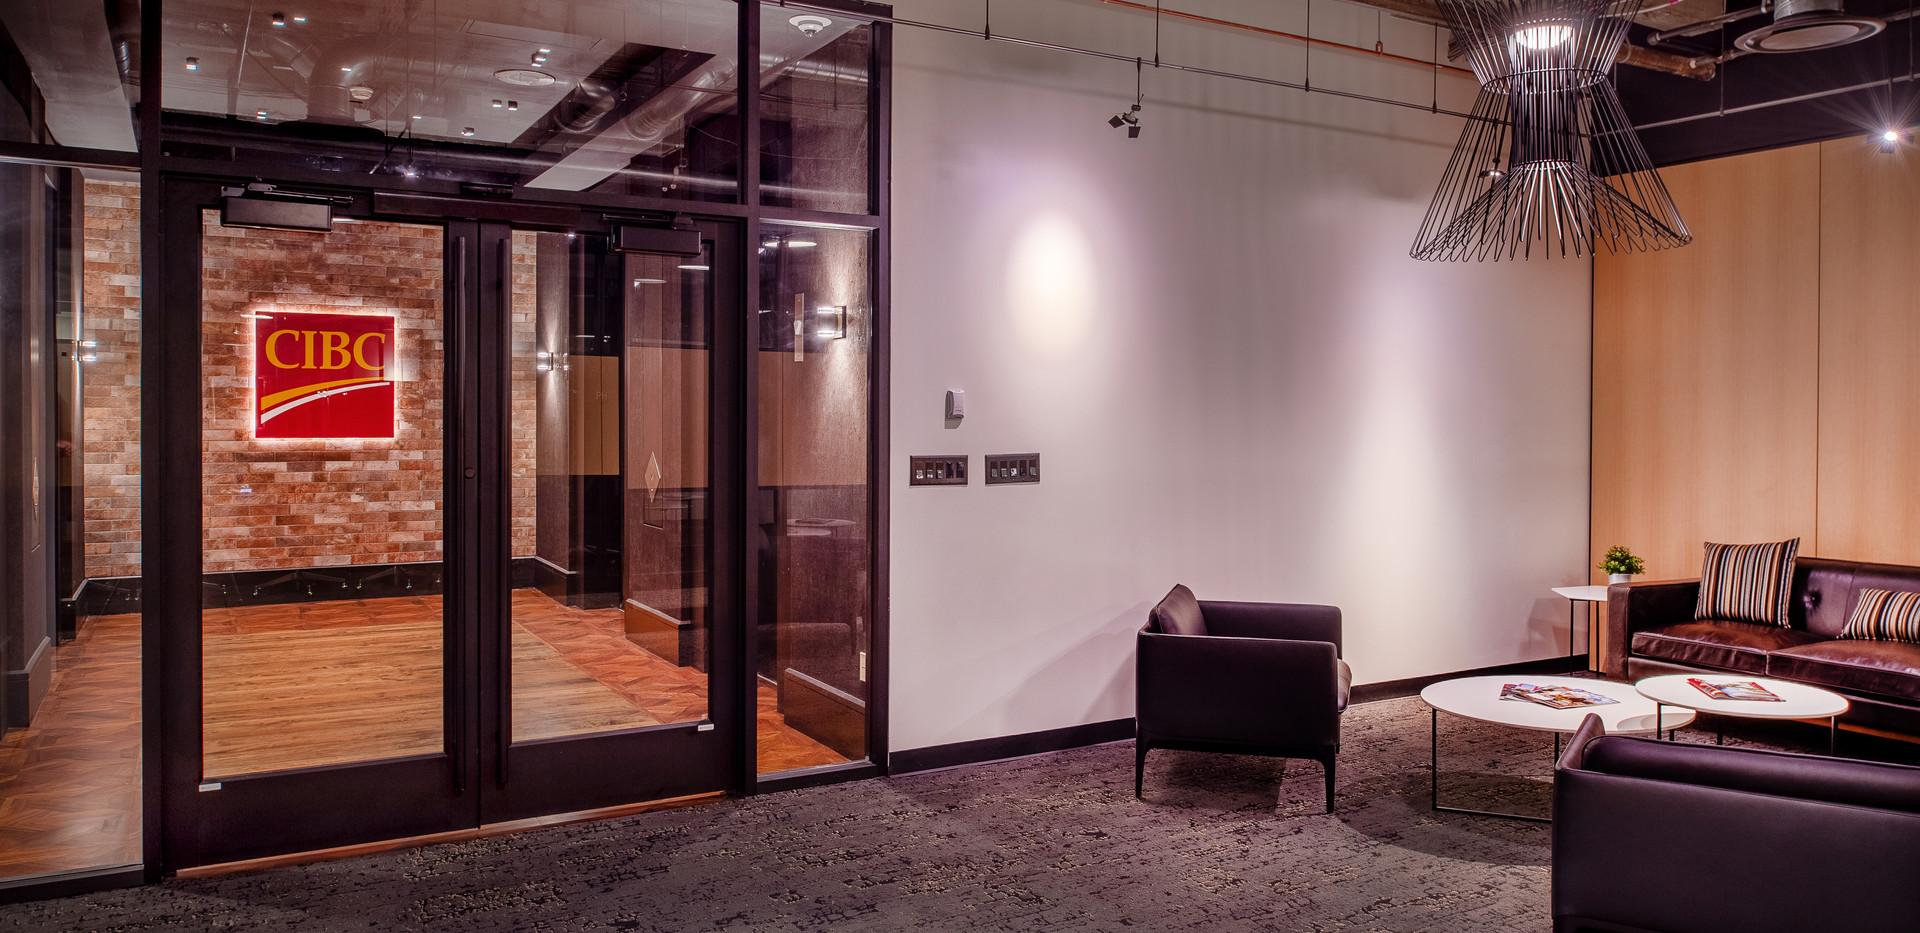 CIBC Bank Office Renovation